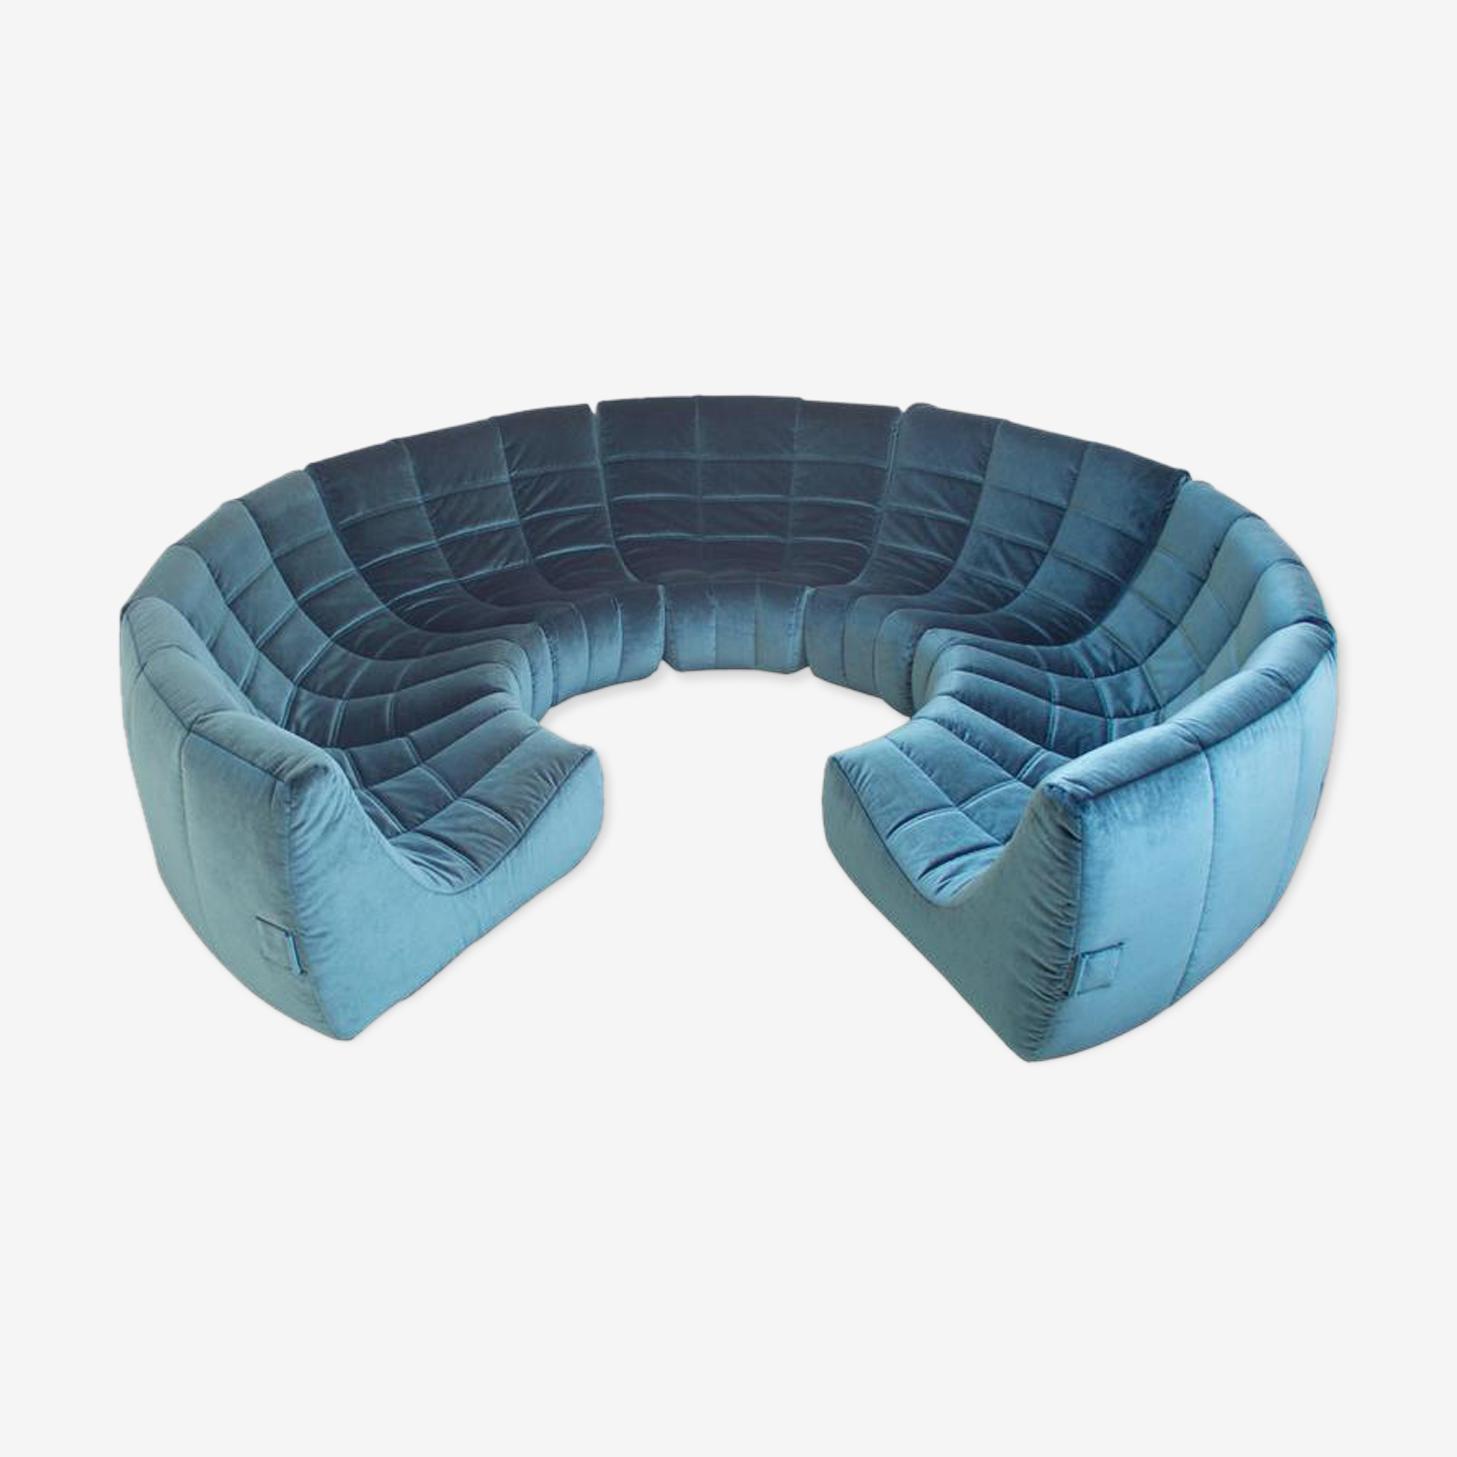 Canapé de cercle «Gilda» de Michel Ducaroy 1972